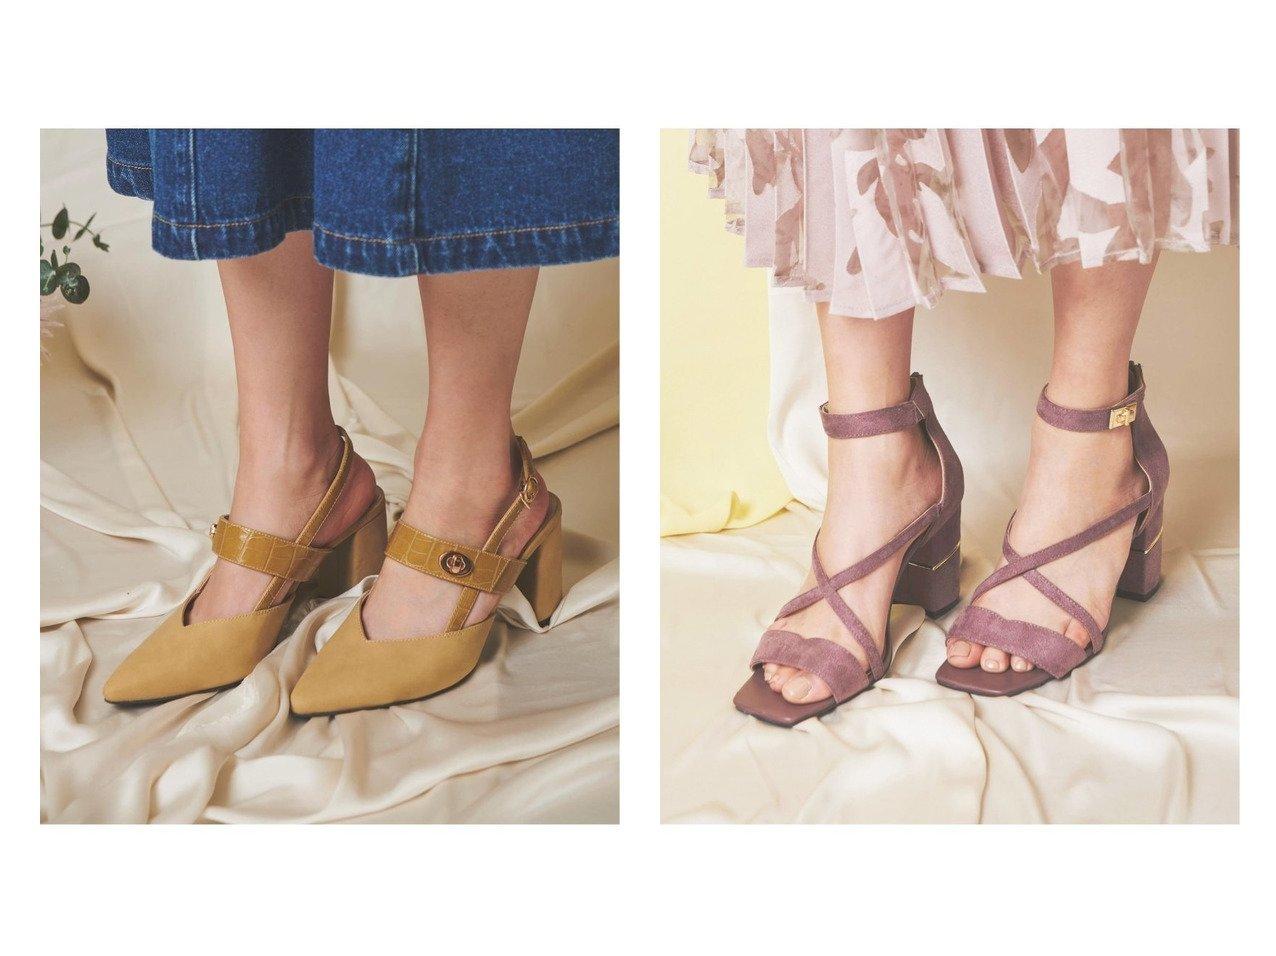 【Noela/ノエラ】のマテリアルコンビシューズ&クロスストラップパンプス シューズ・靴のおすすめ!人気、トレンド・レディースファッションの通販 おすすめで人気の流行・トレンド、ファッションの通販商品 メンズファッション・キッズファッション・インテリア・家具・レディースファッション・服の通販 founy(ファニー) https://founy.com/ ファッション Fashion レディースファッション WOMEN NEW・新作・新着・新入荷 New Arrivals サンダル シューズ ラップ おすすめ Recommend ミュール |ID:crp329100000023928